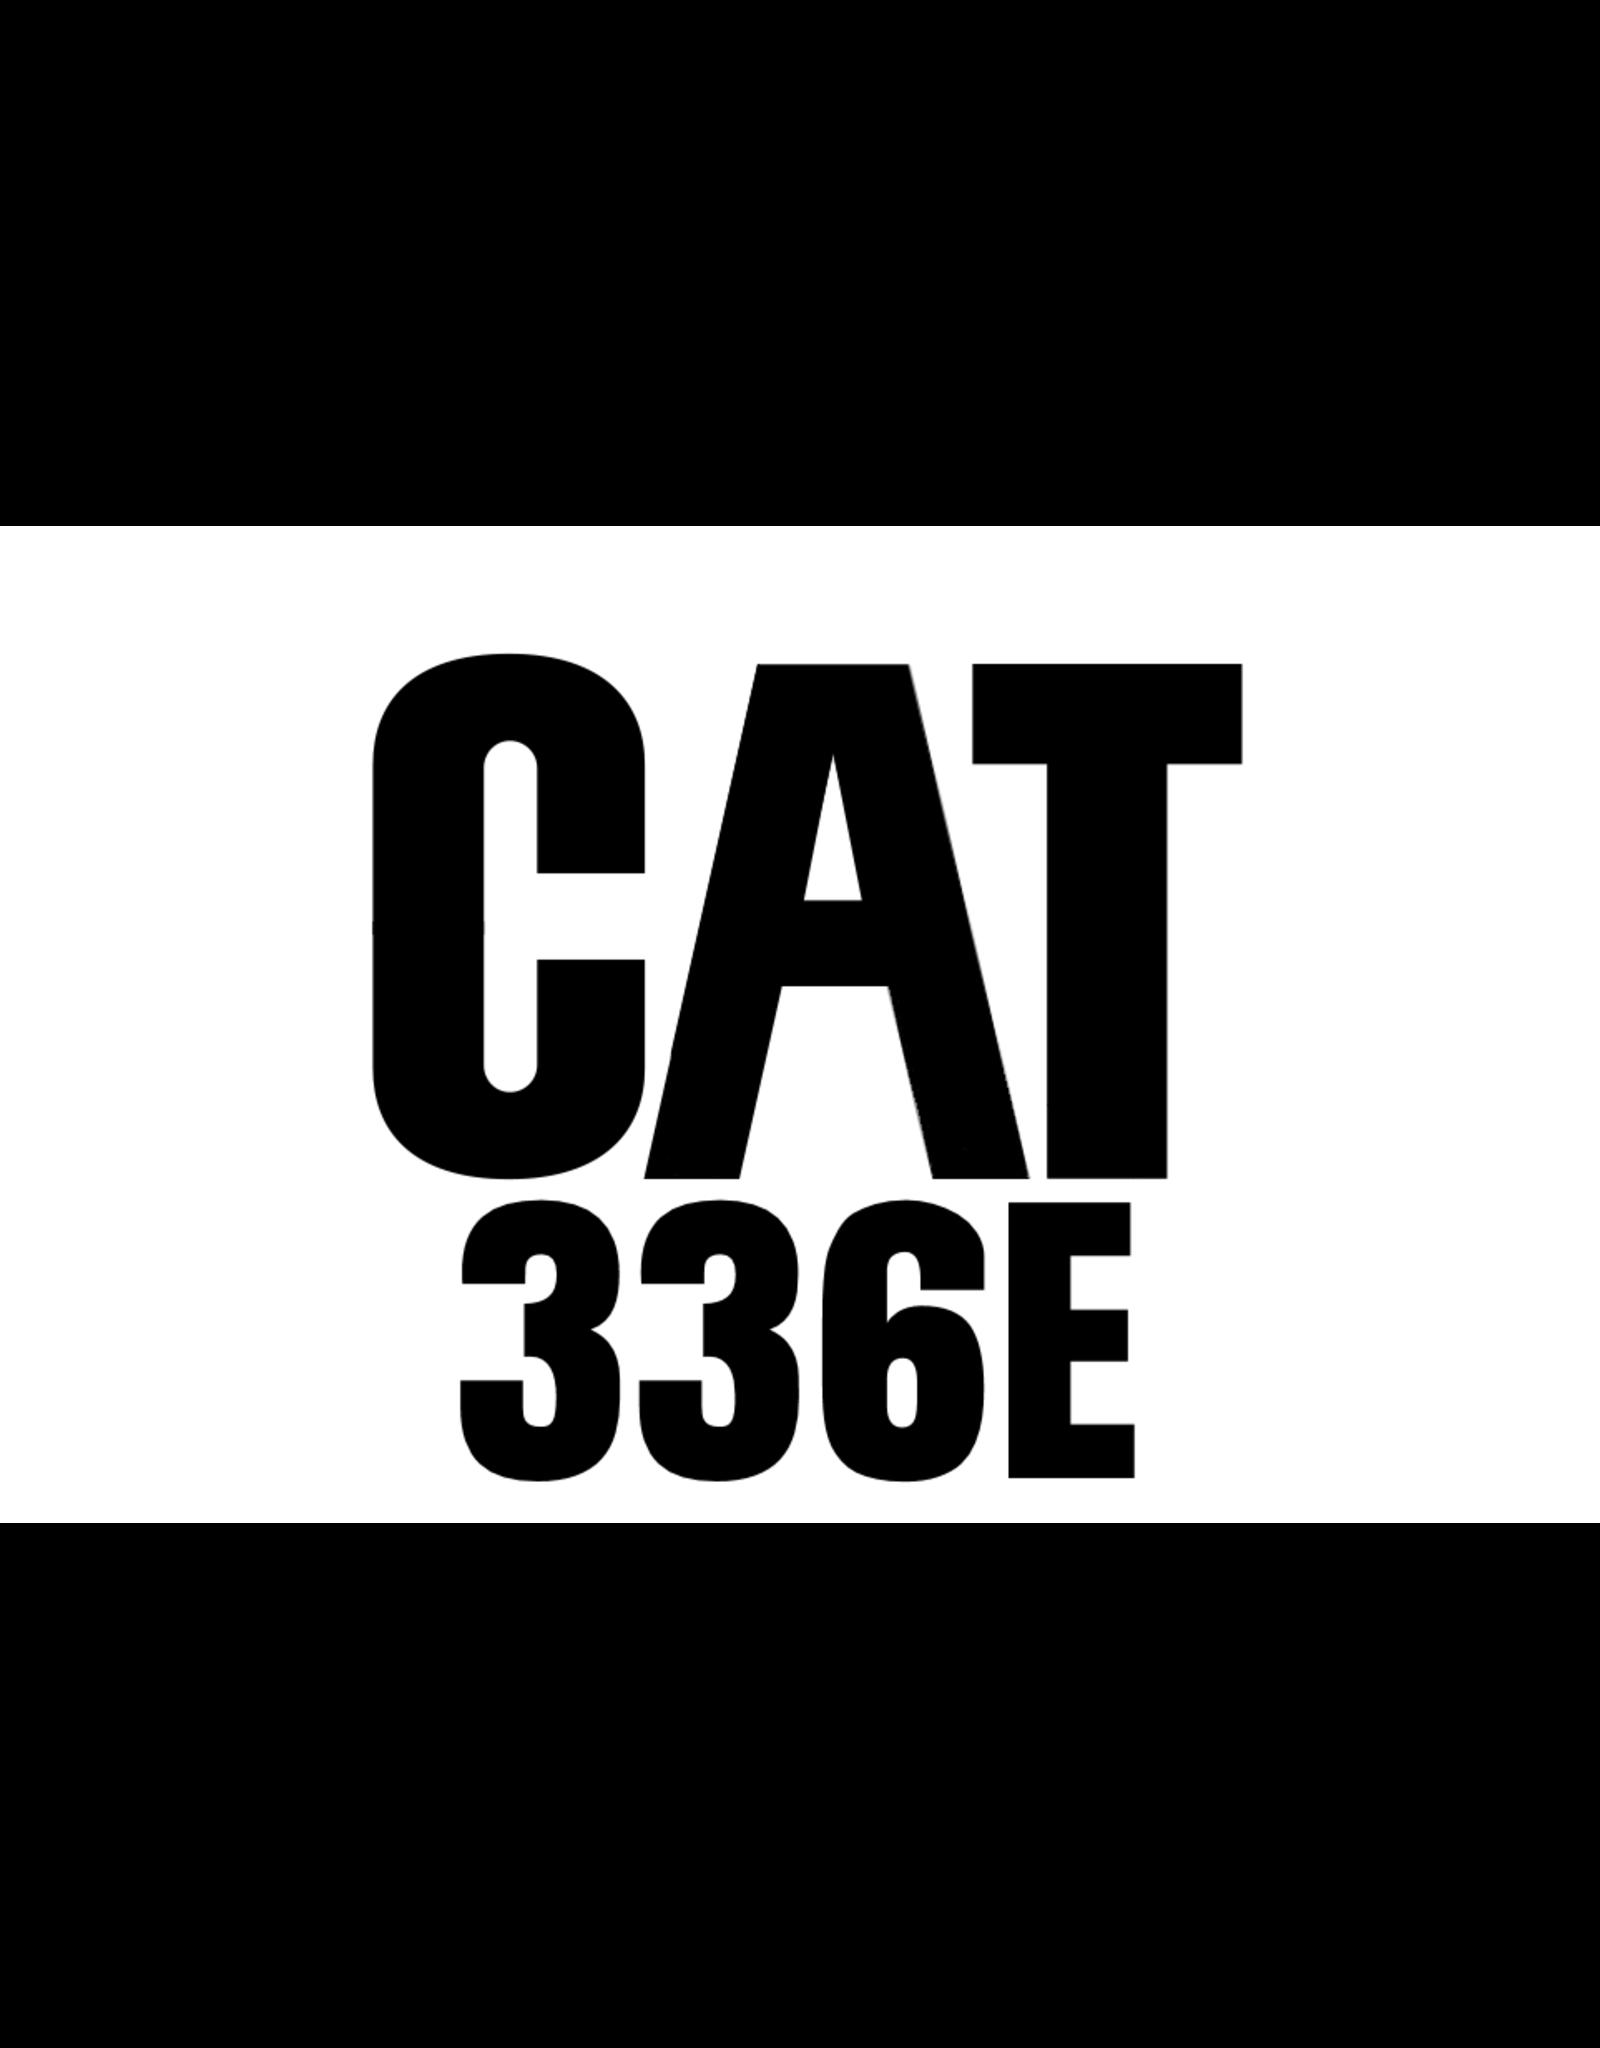 Echle Hartstahl GmbH FOPS pour CAT 336E